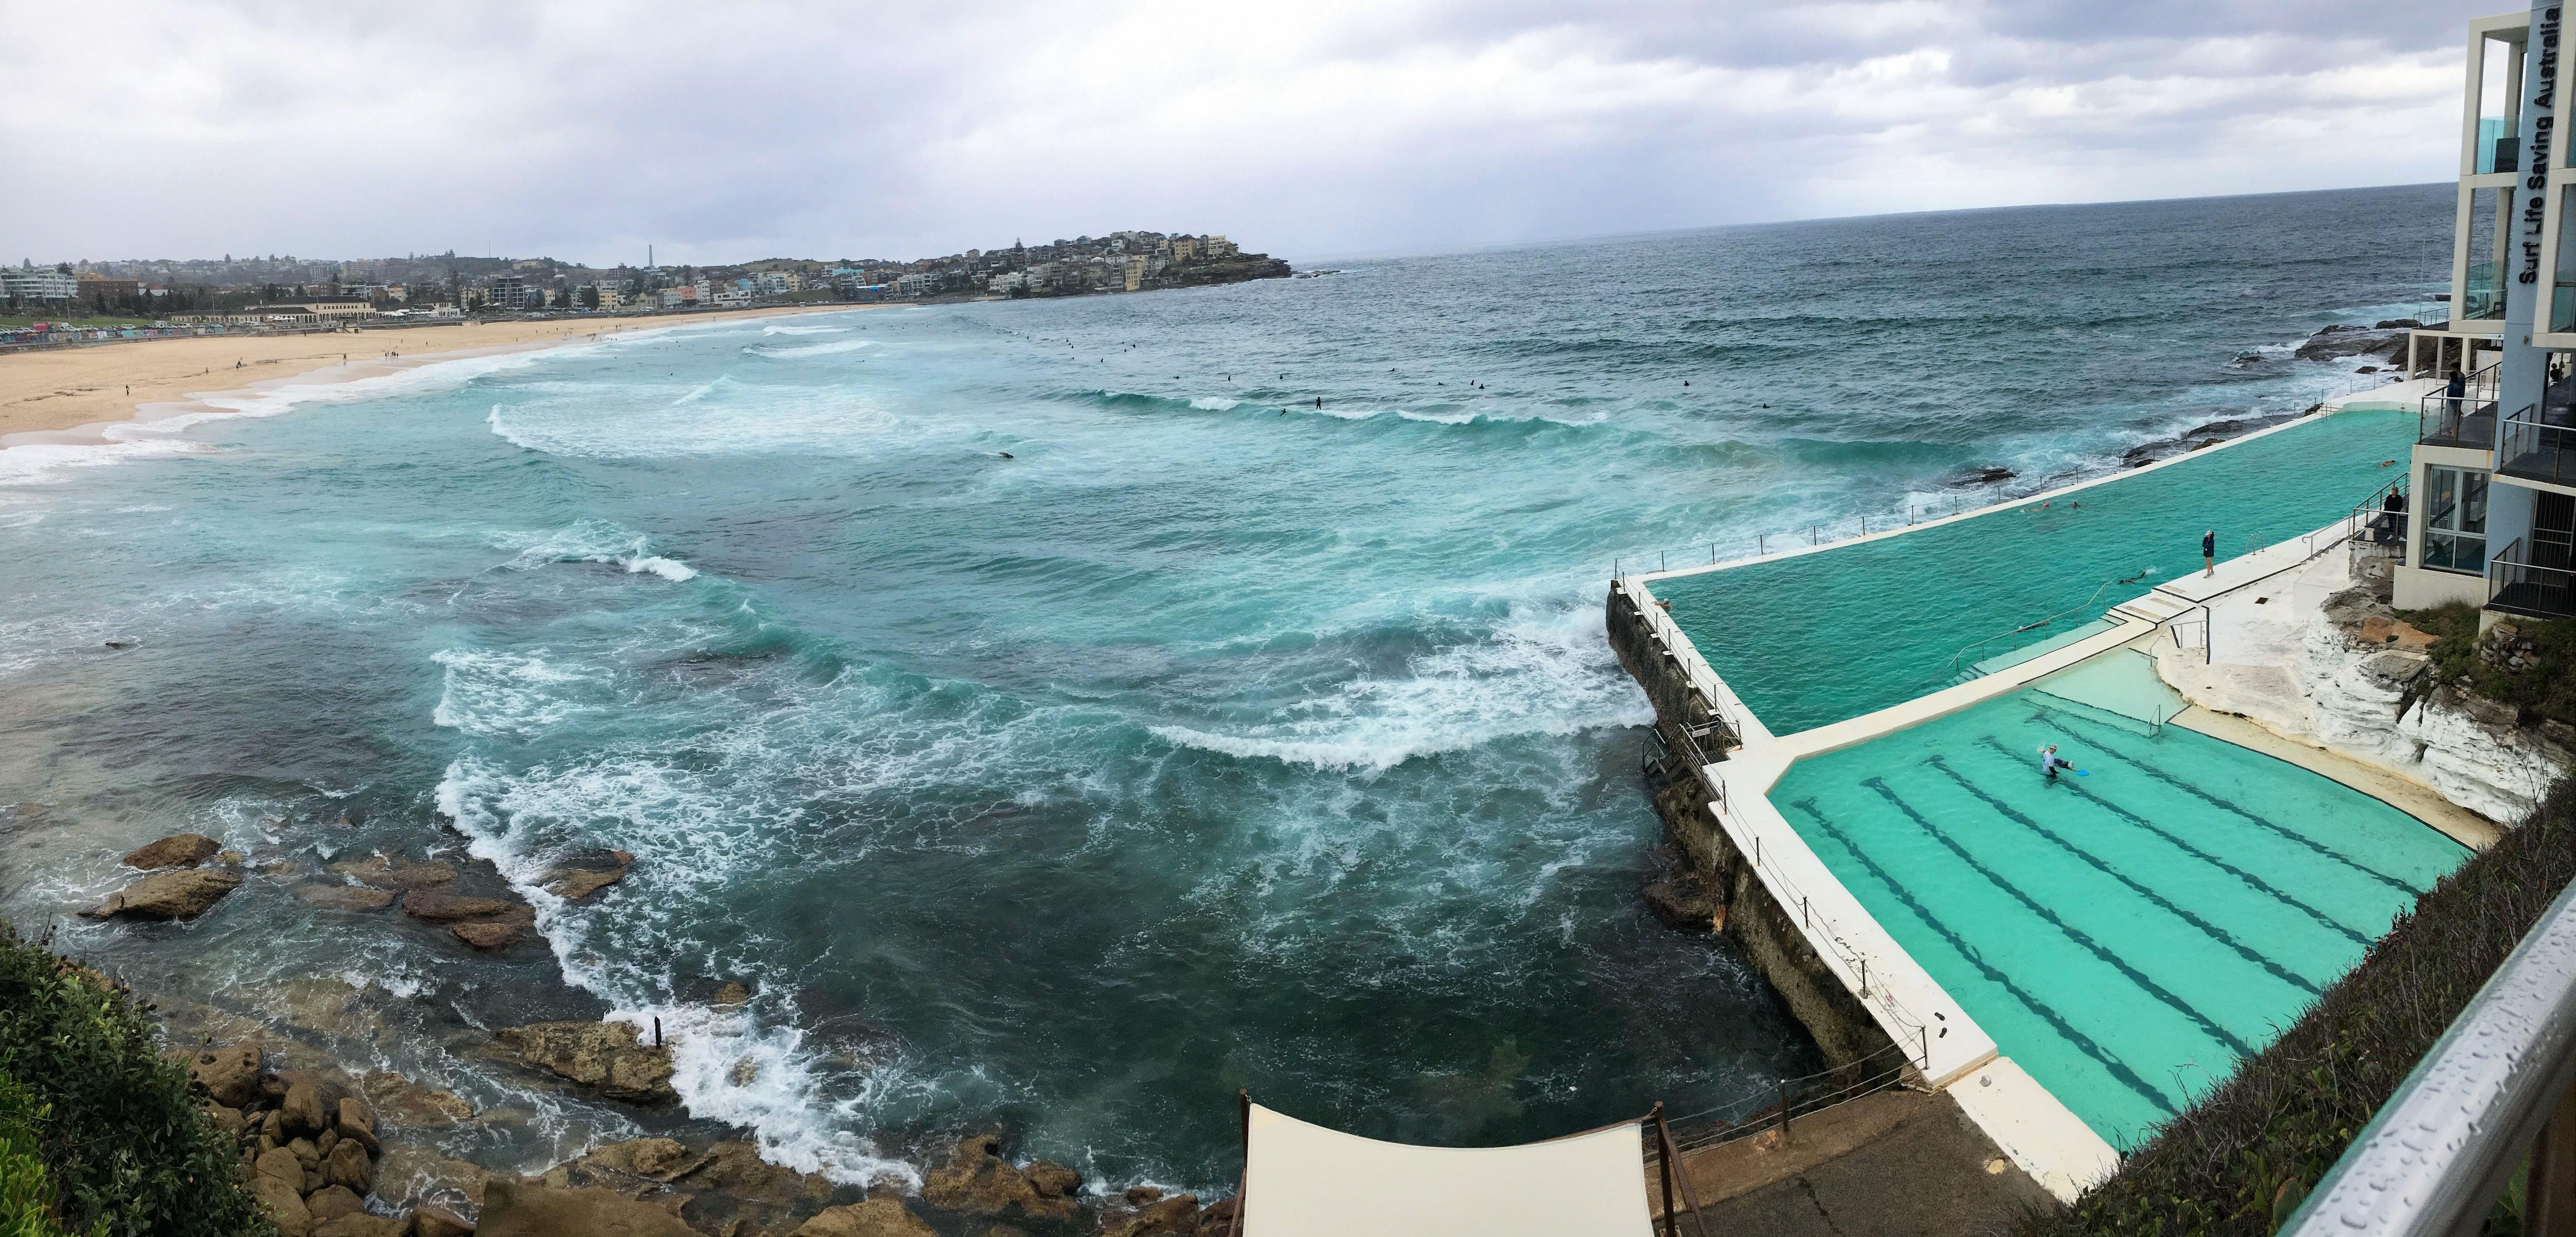 Bondi Icebergs Pool, Sydney, Australia